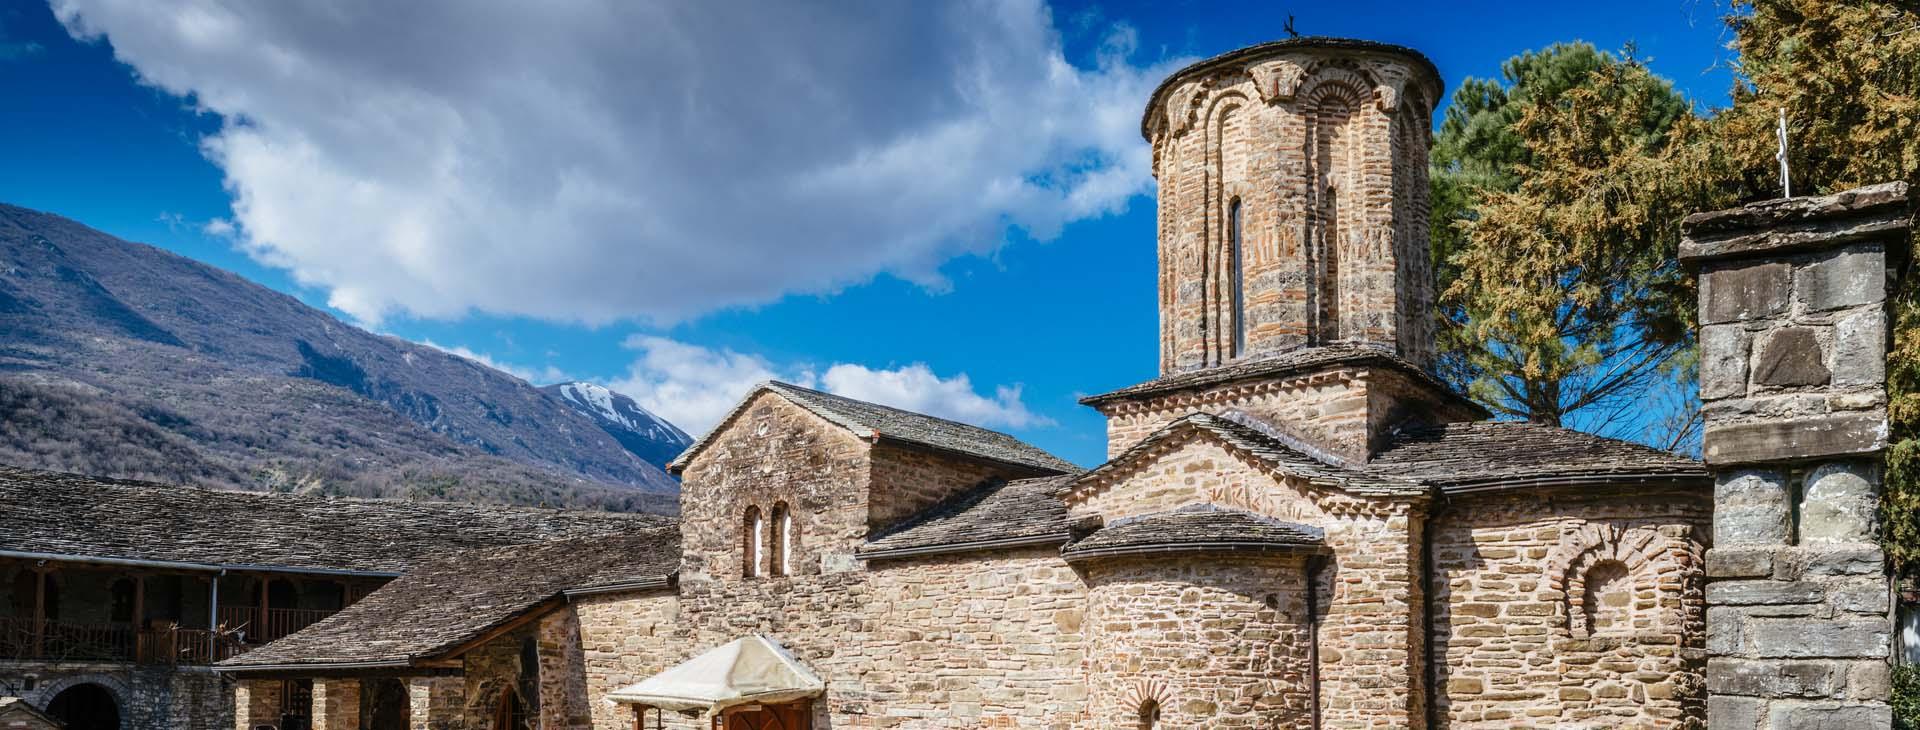 Monastery of the Assumption of the Theotokos Molivdoskepasti, Ioannina